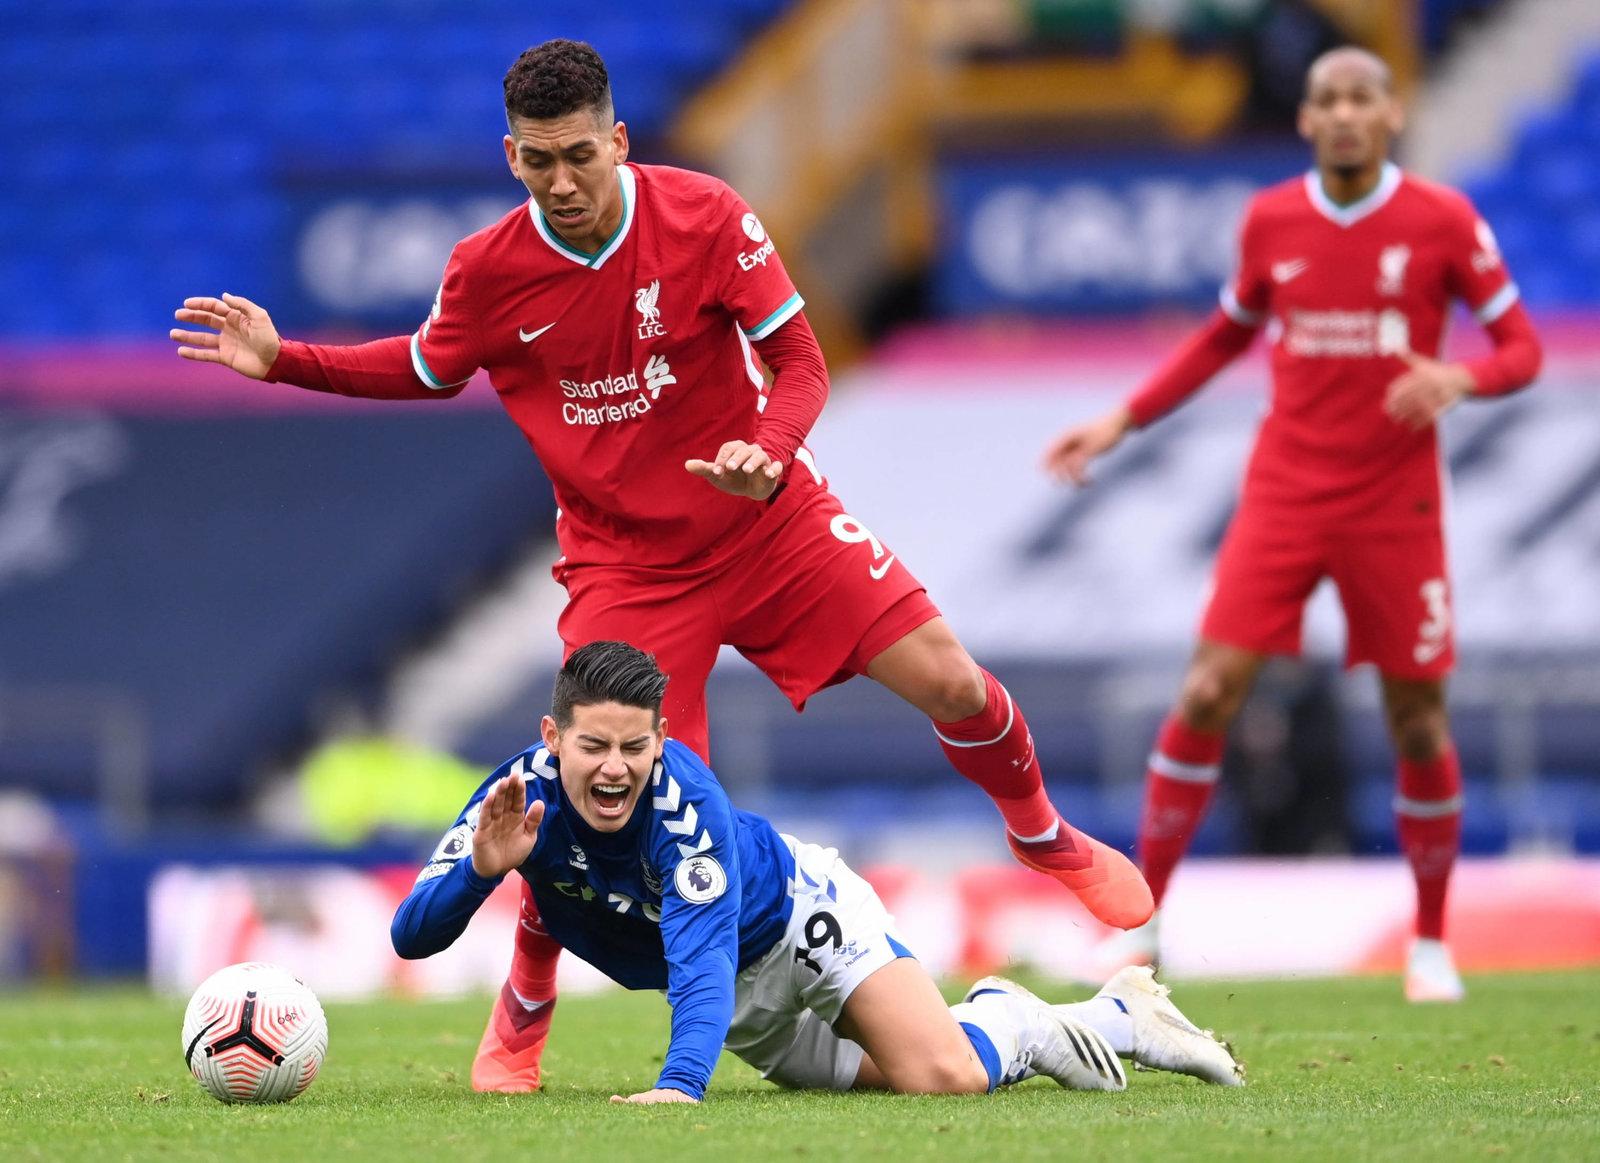 El Liverpool: Sufre otra derrota, ahora contra el Everton